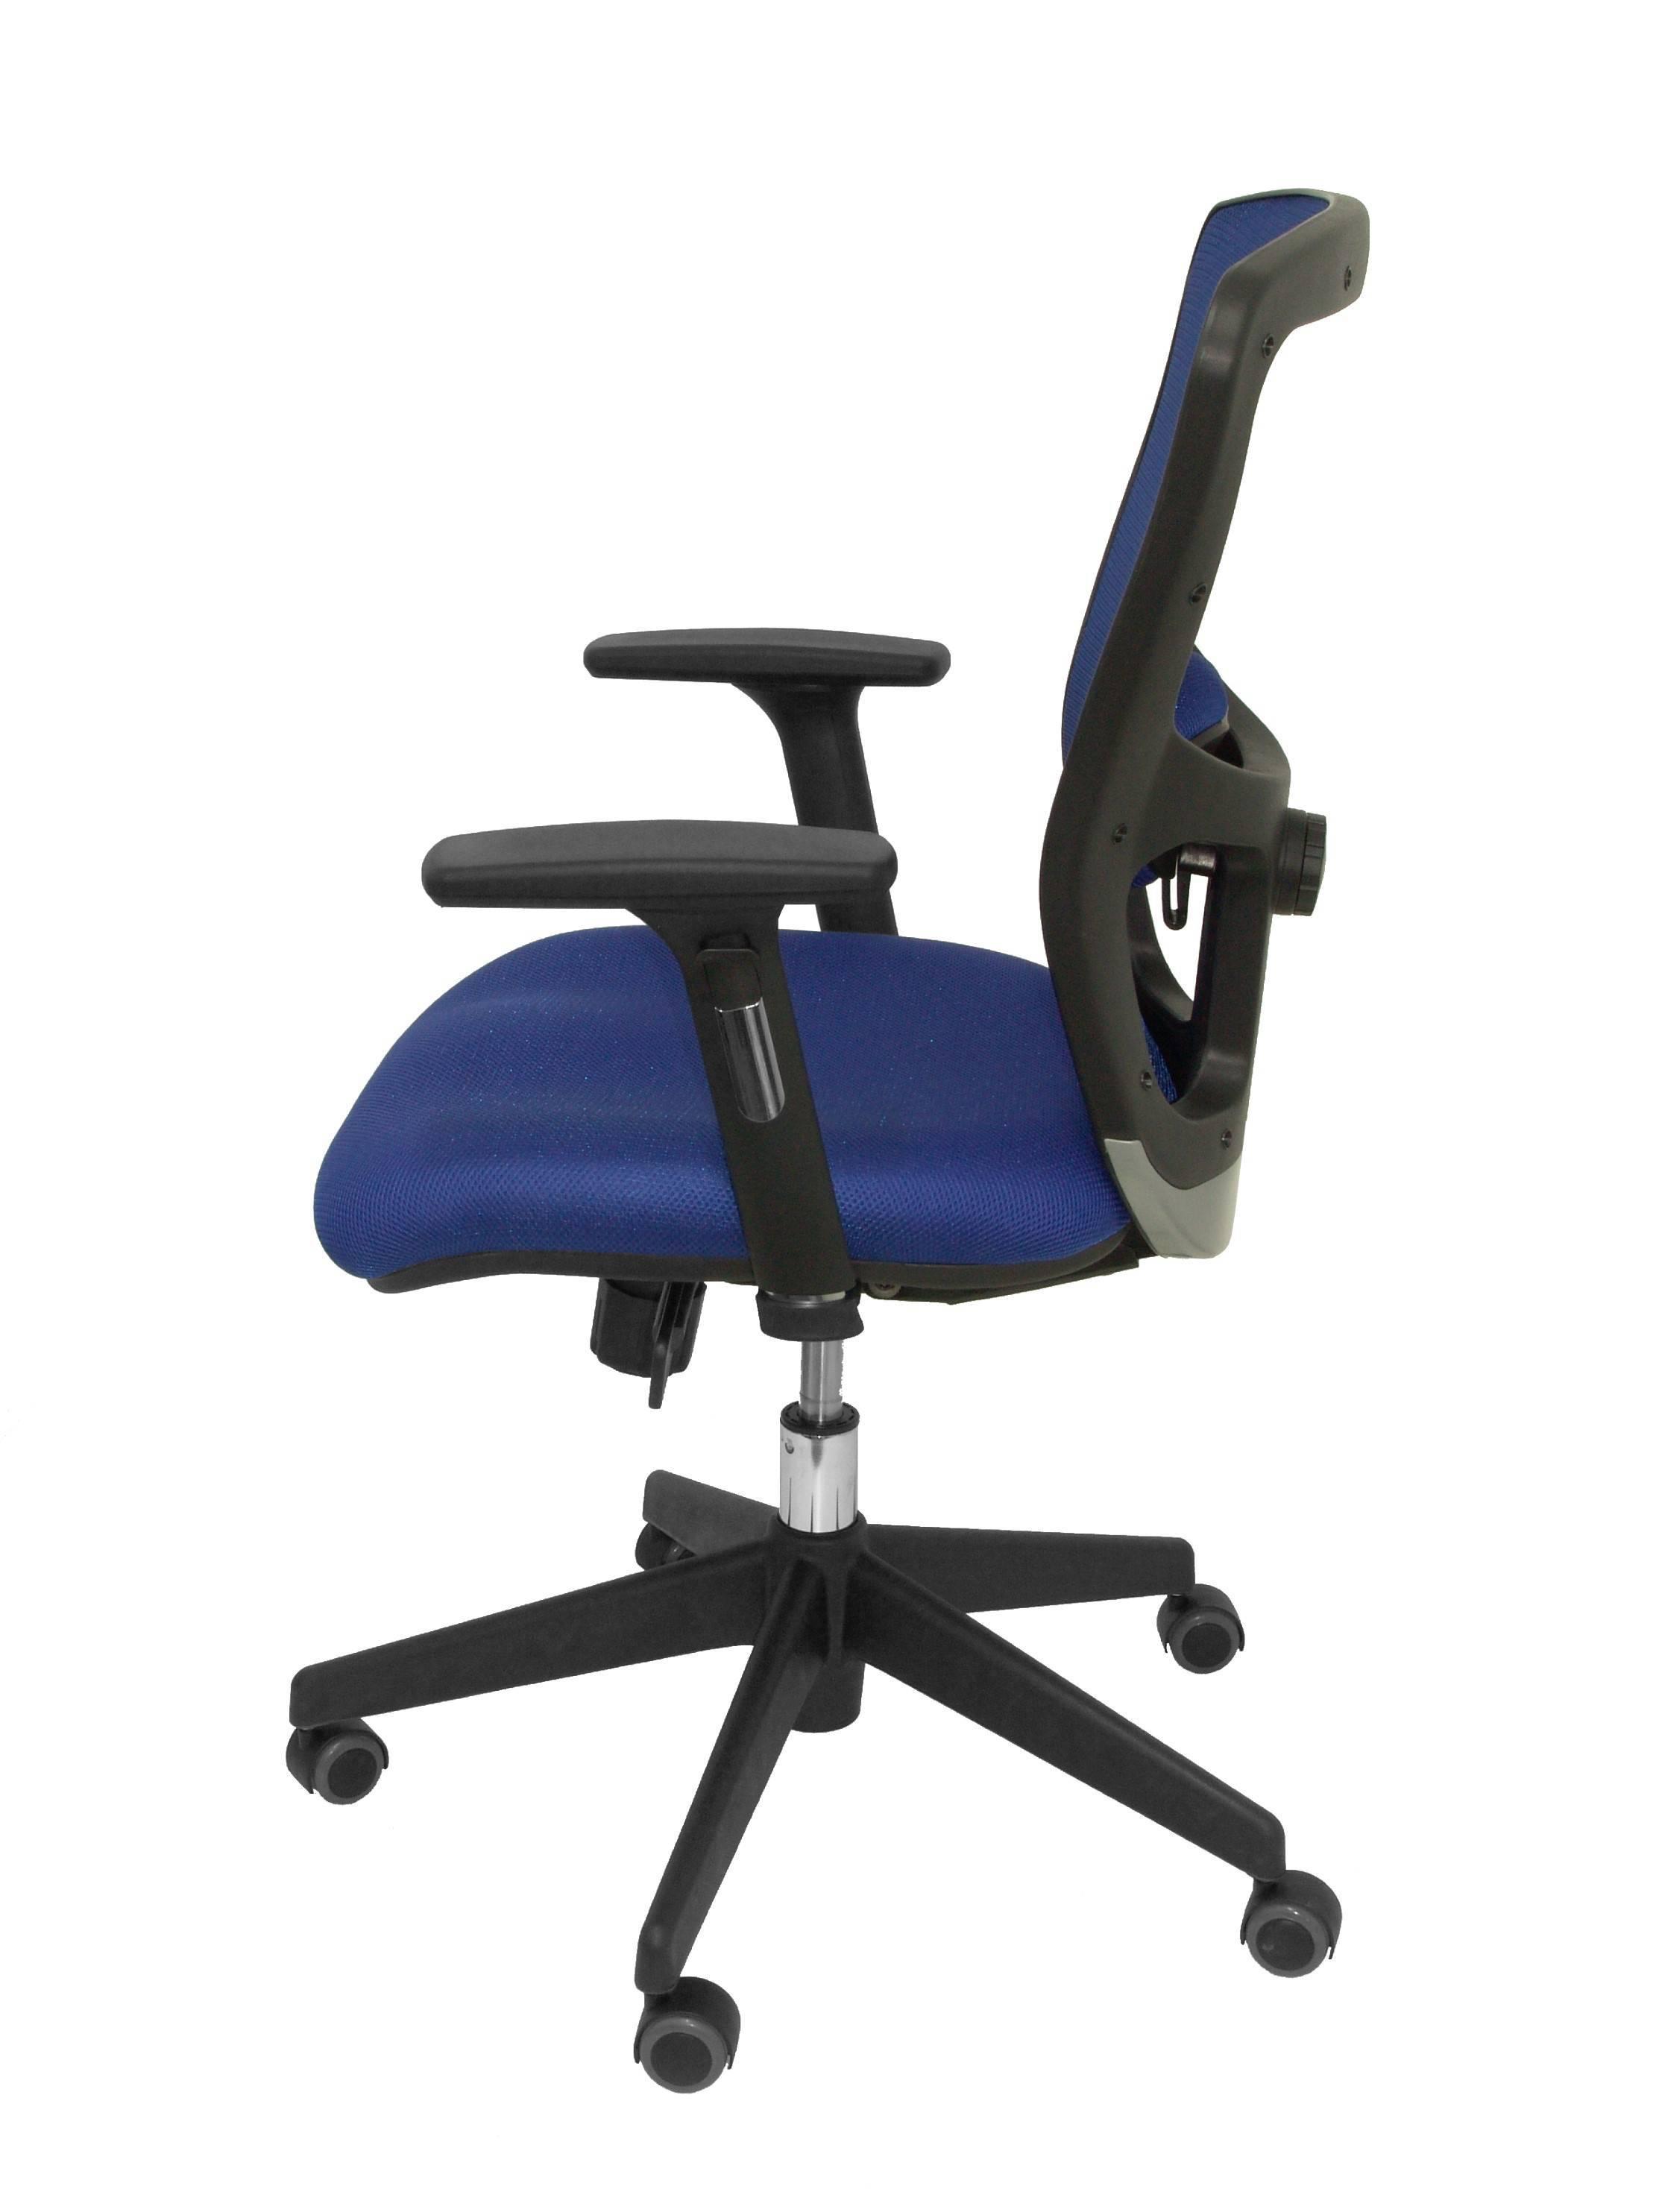 Silla Pozuelo respaldo malla azul asiento bali azul